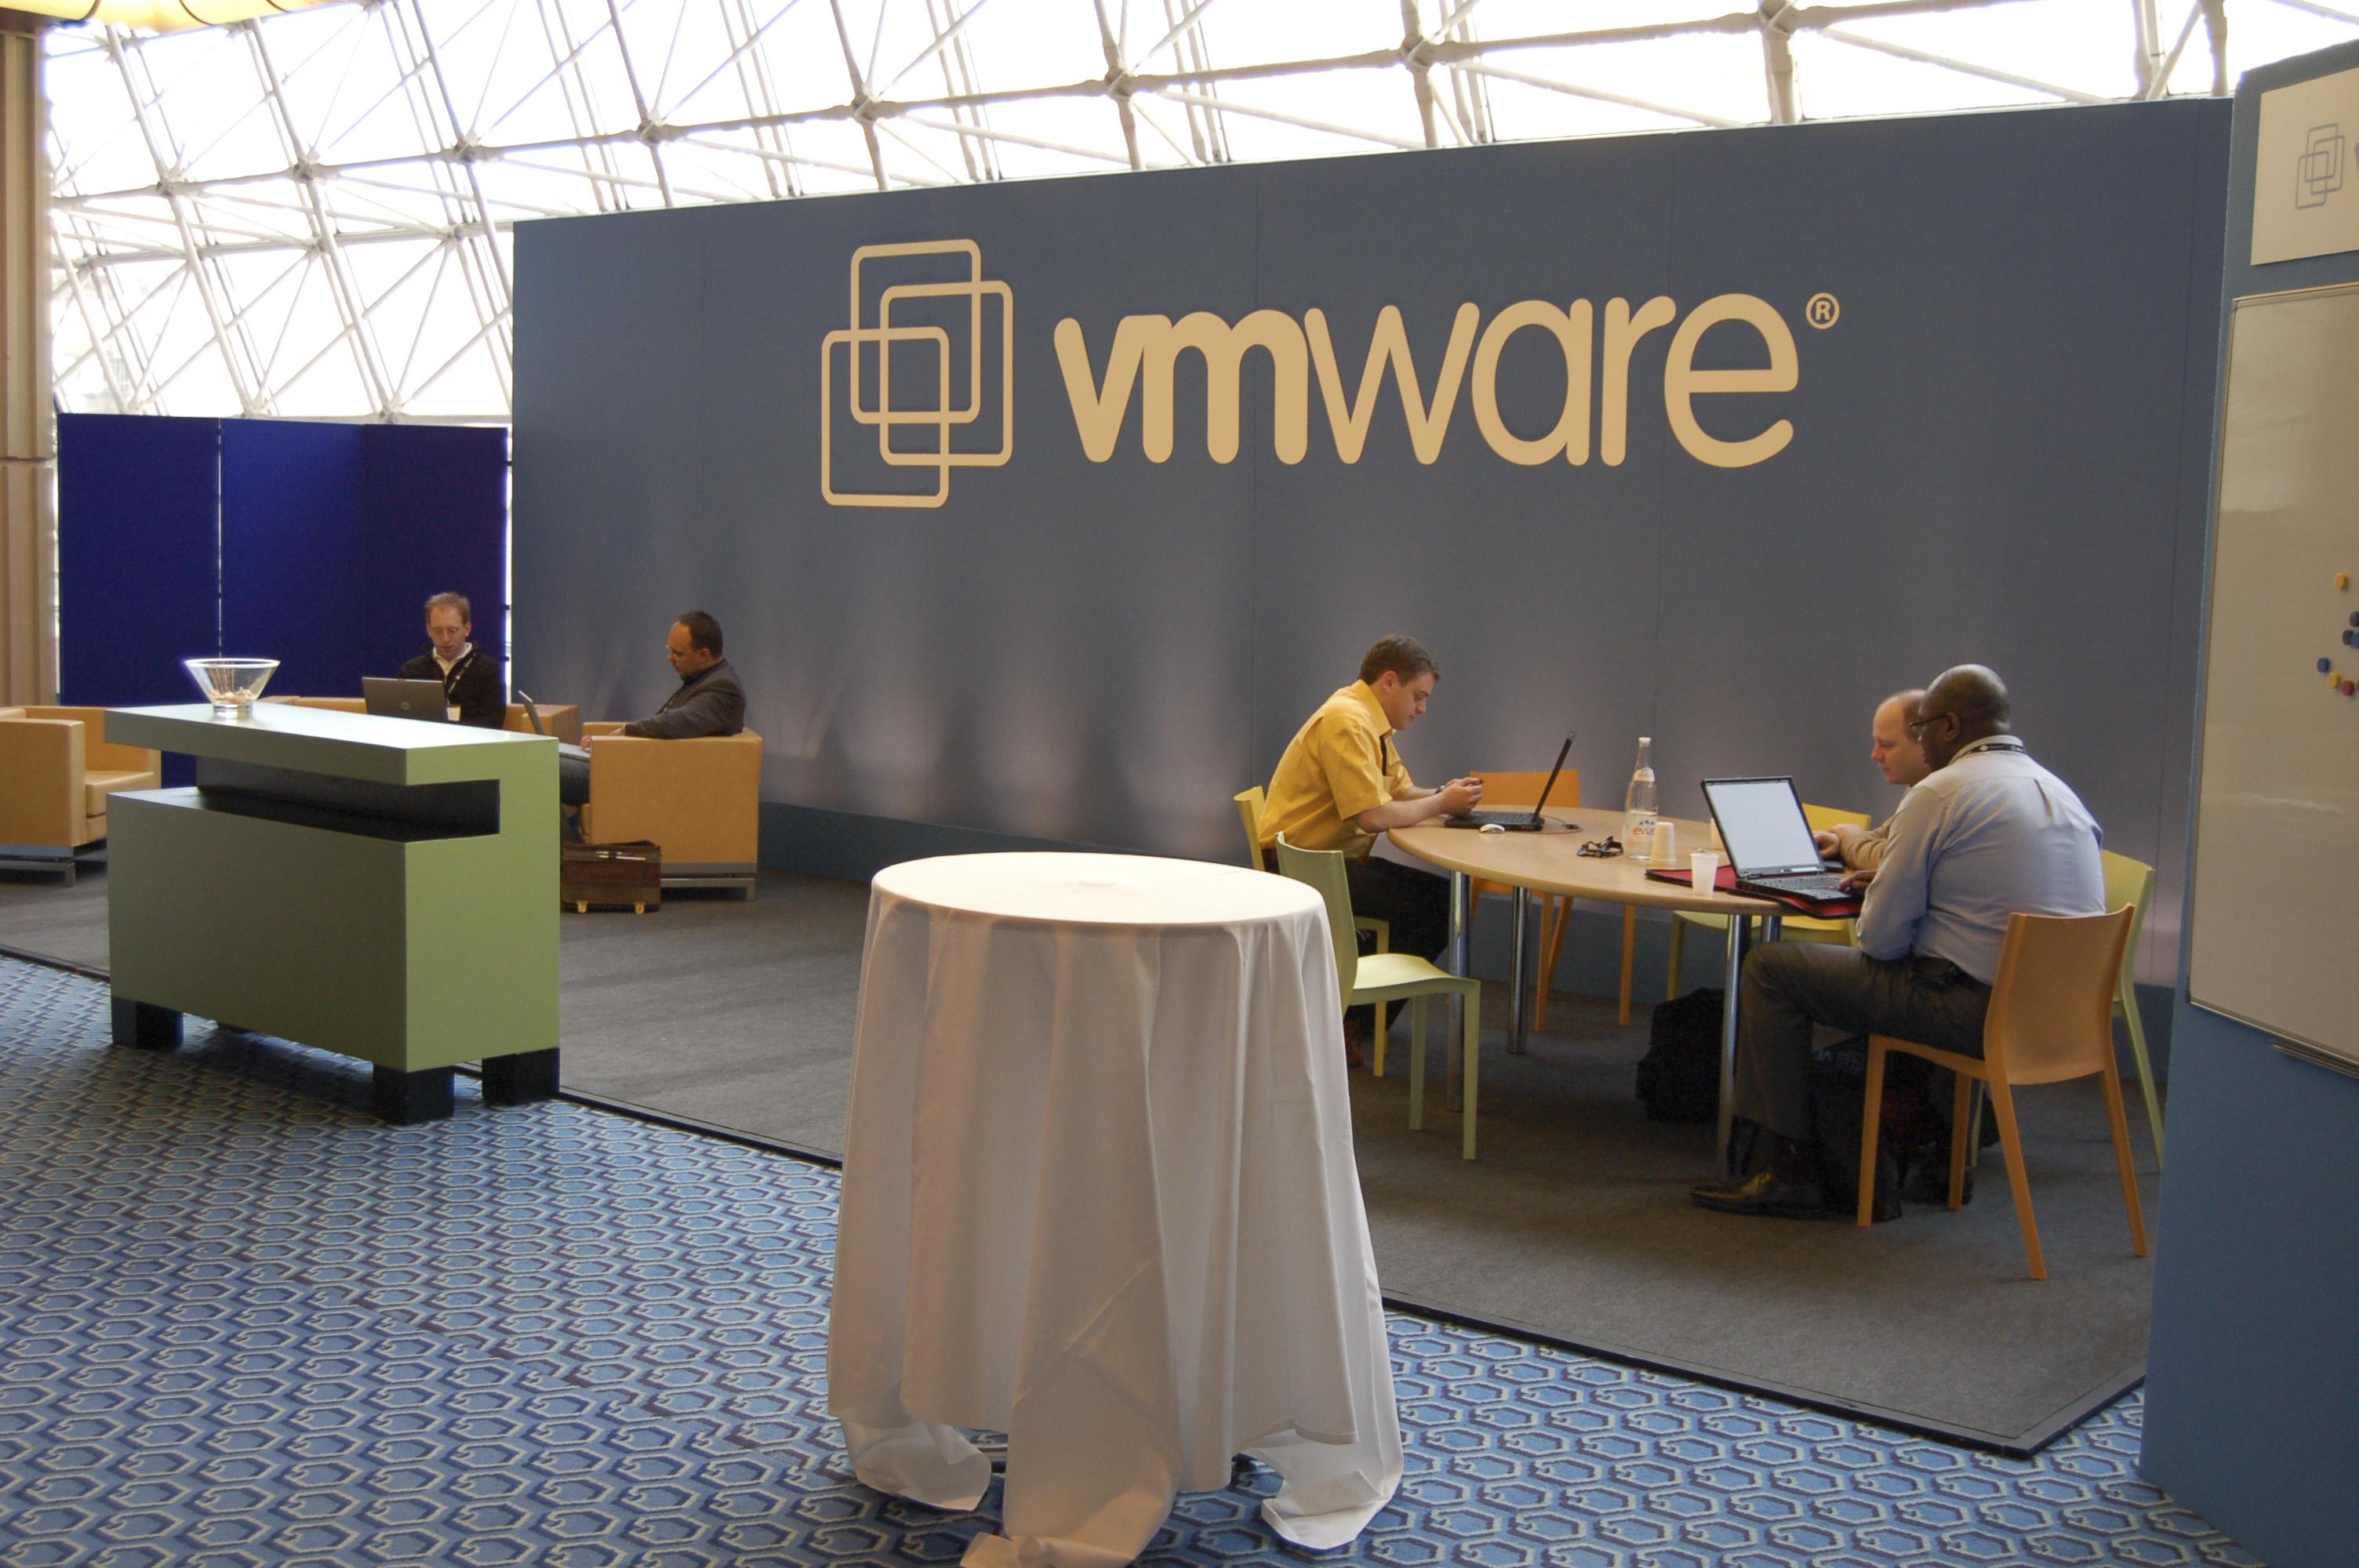 vmwaretsx200723-jpg